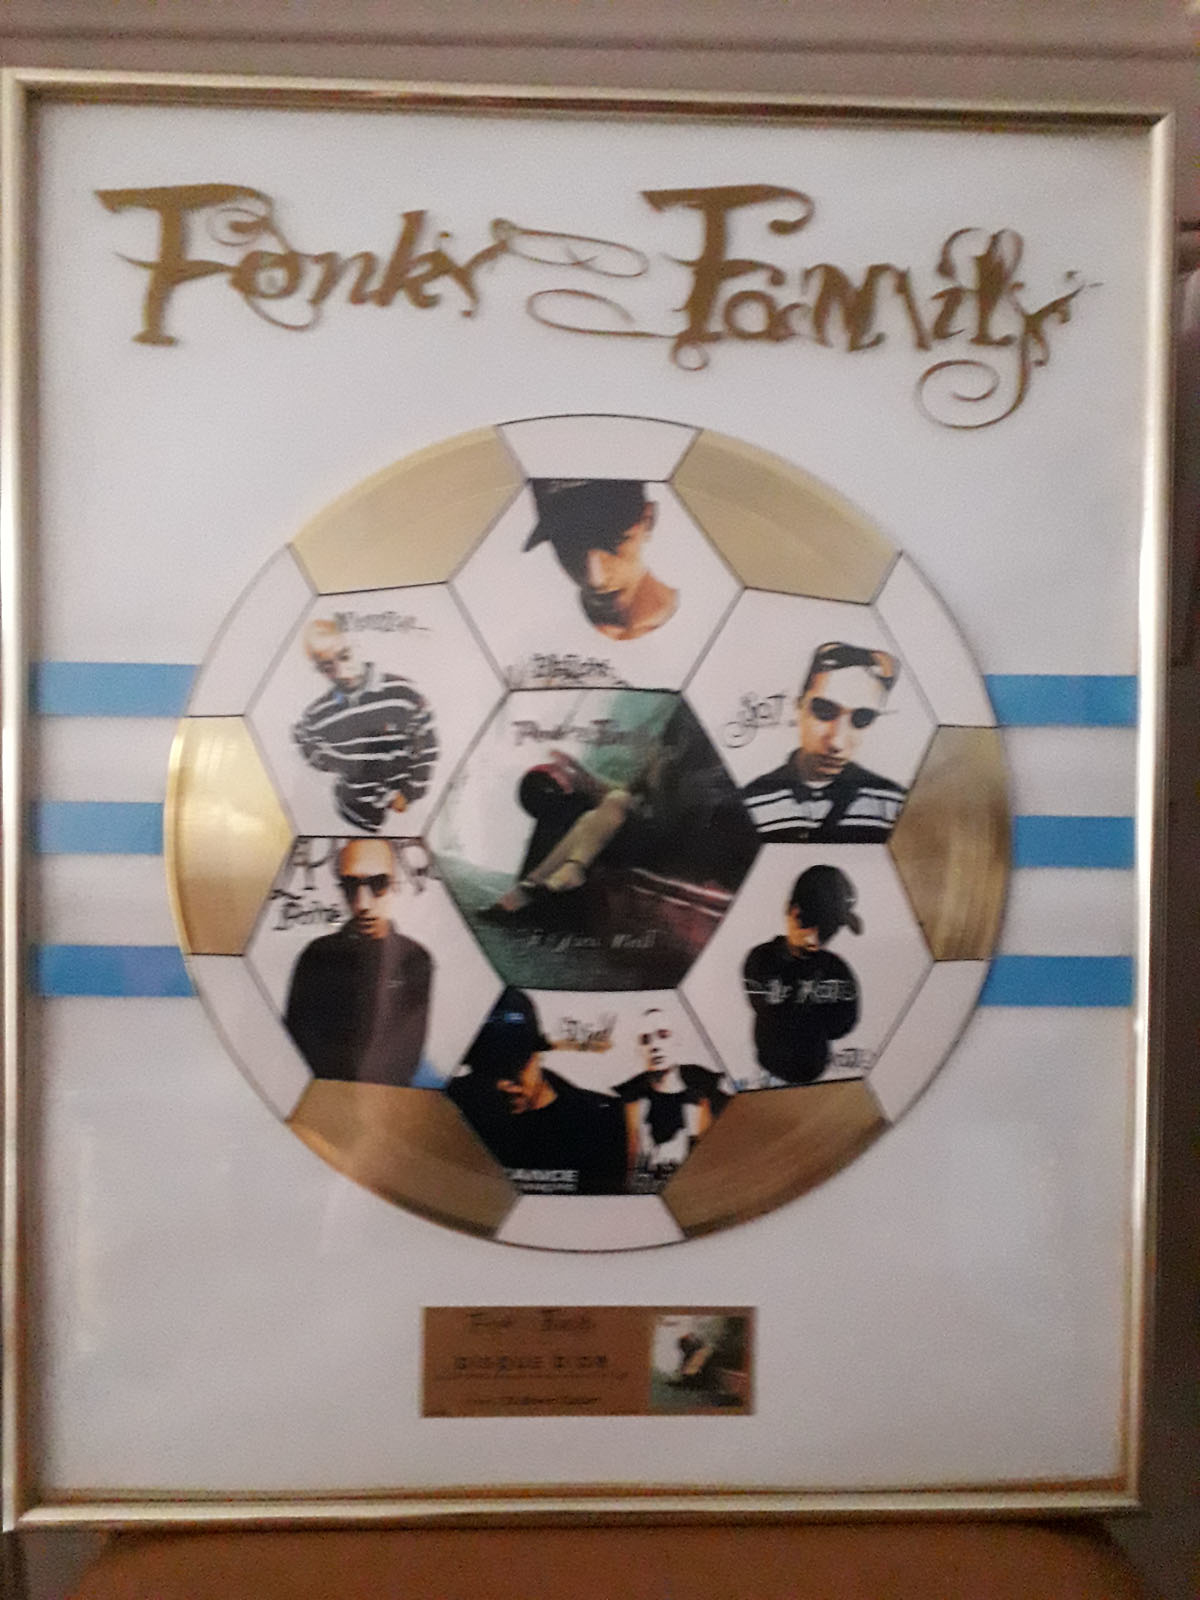 Disque d'or FONKY FAMILY MAXI